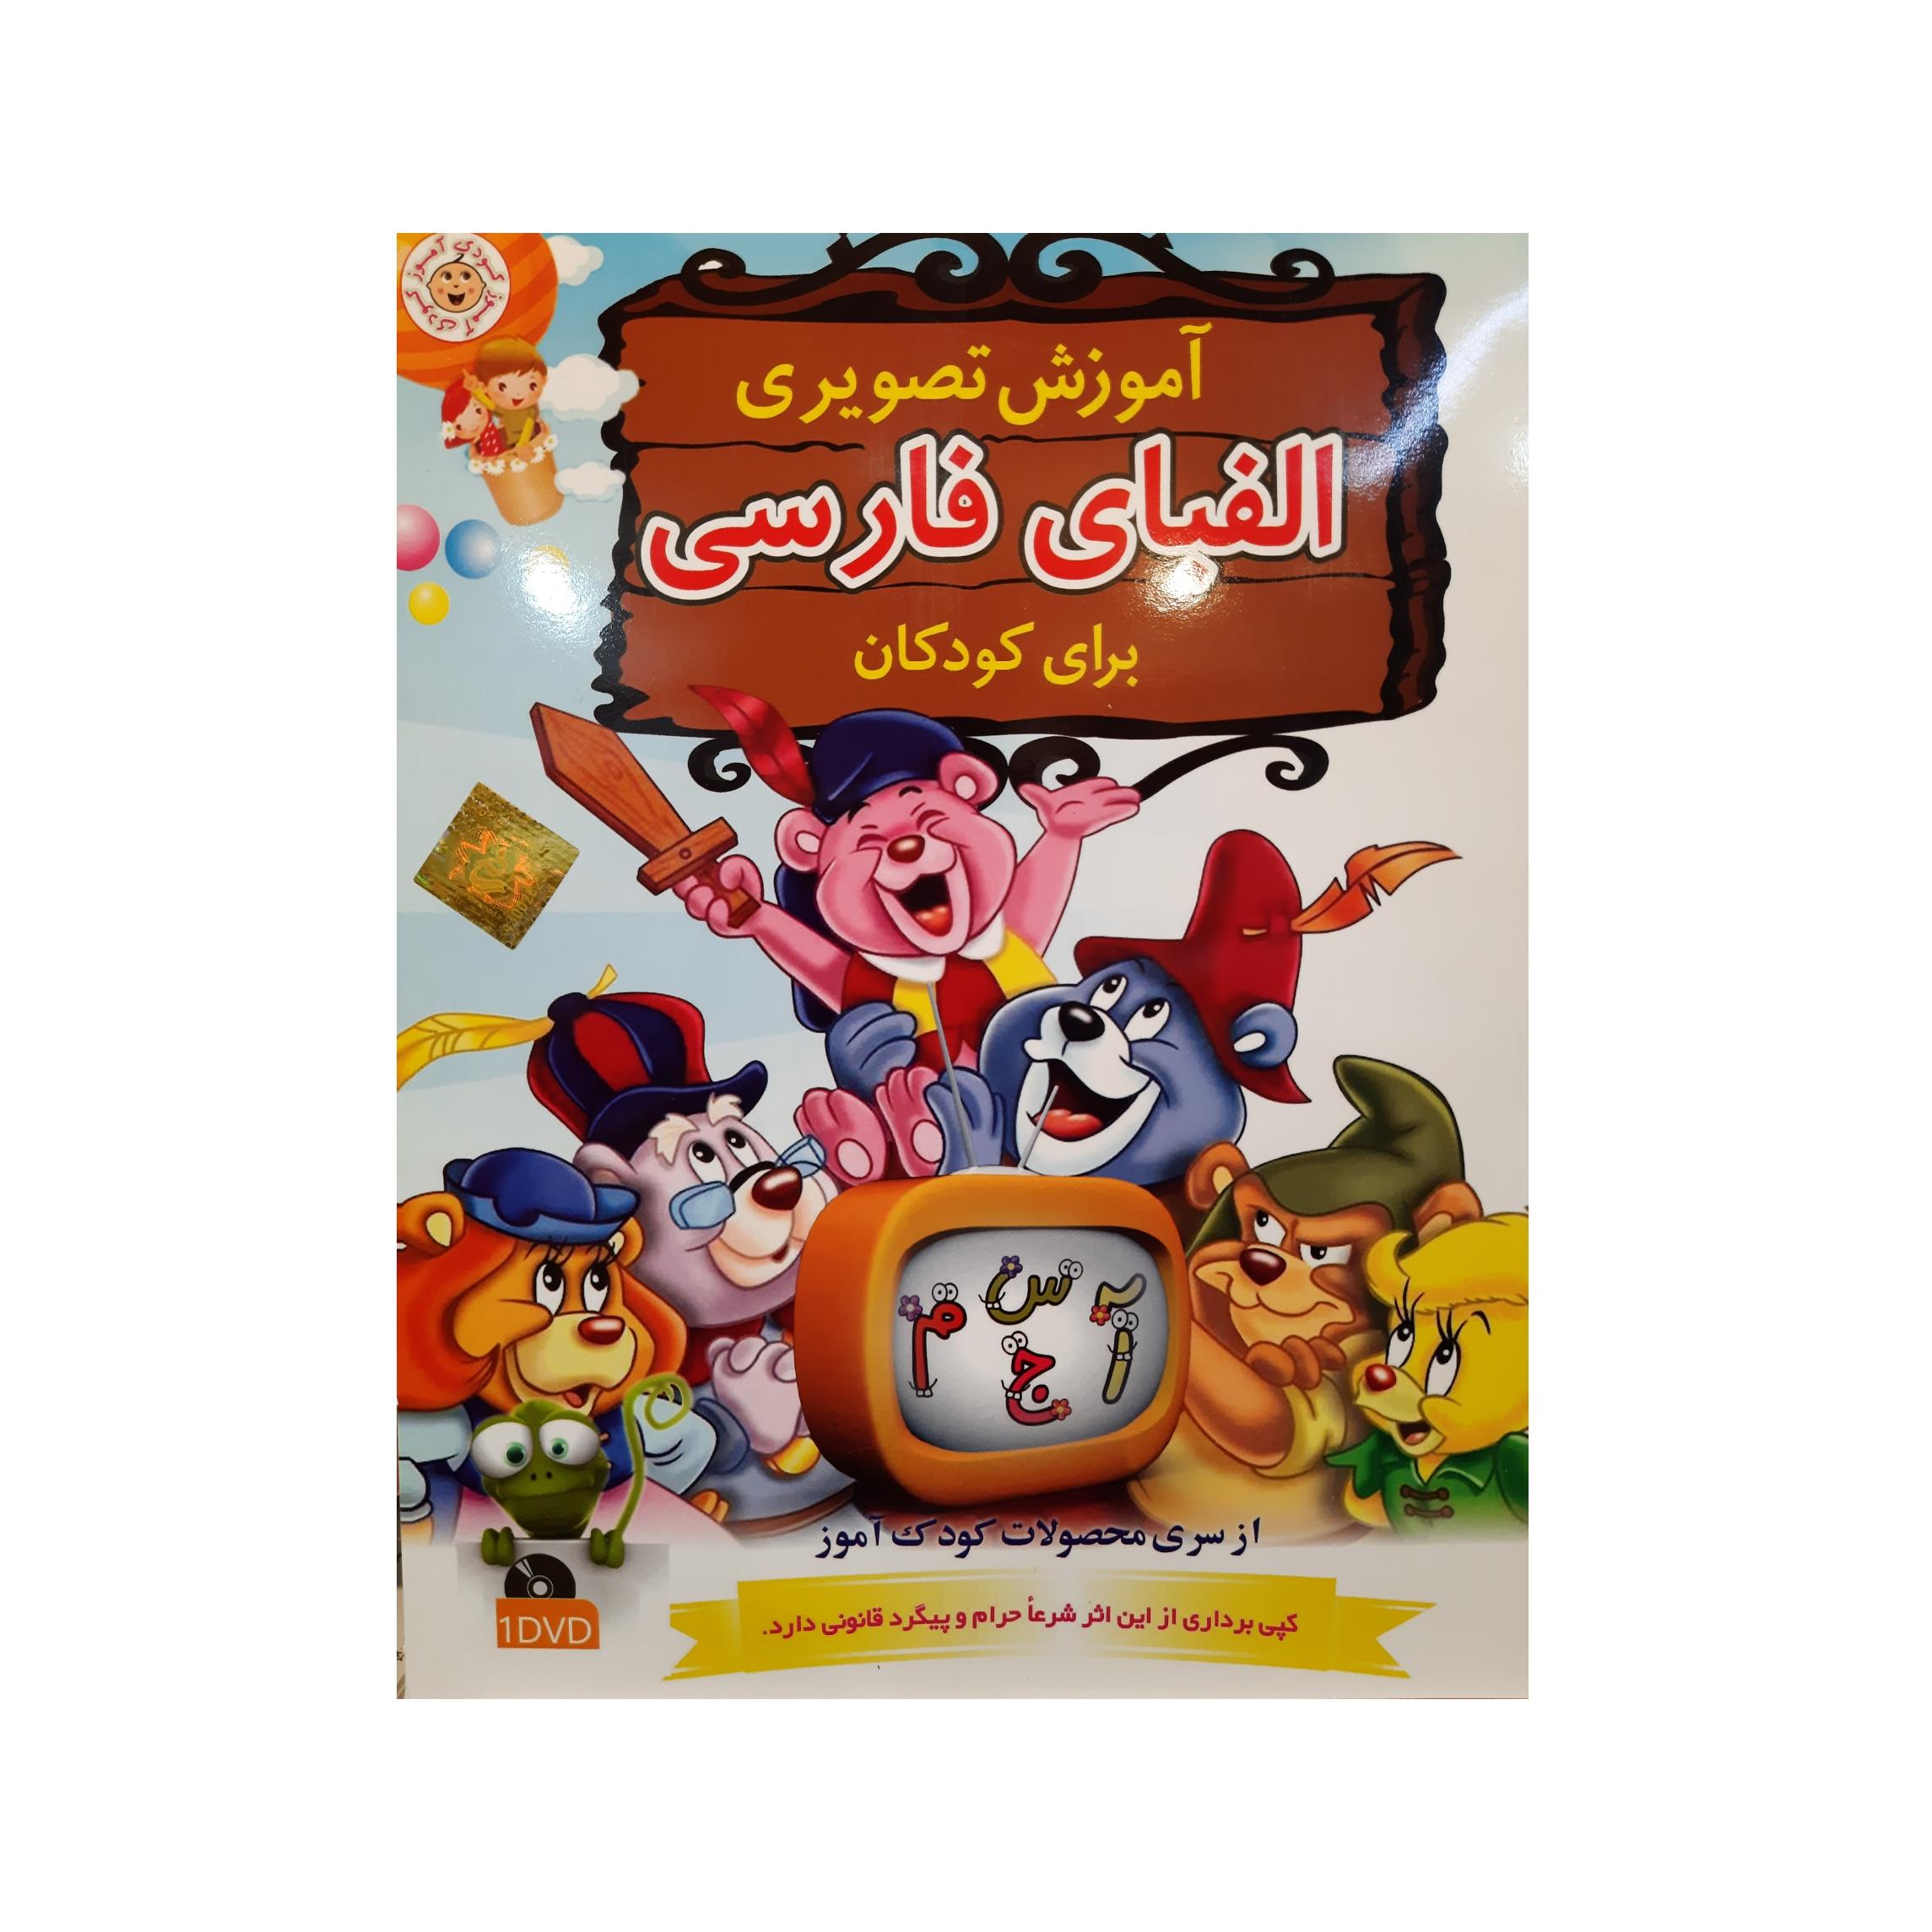 آموزش تصویری الفبای فارسی مخصوص کودکان نشر سینا